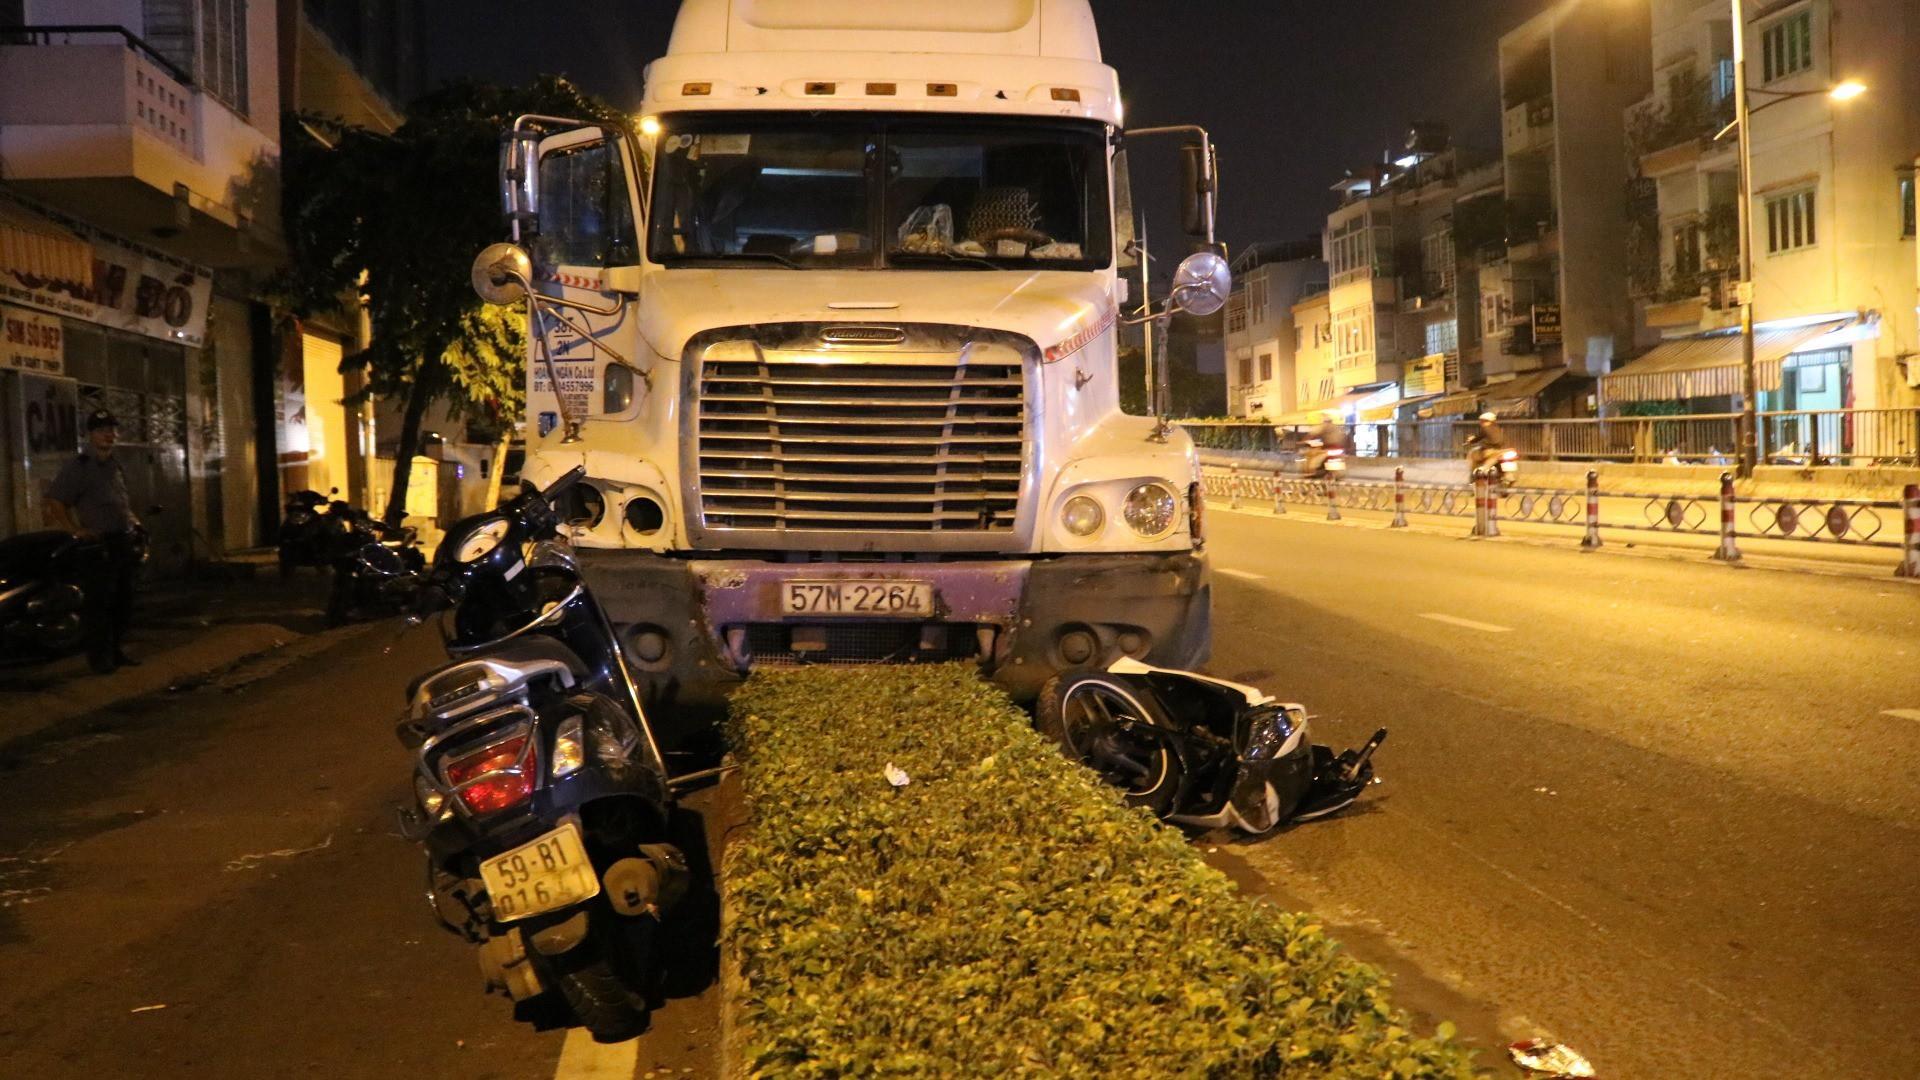 3 người đi xe máy nhập viện trong đó có cô gái trẻ bị thương rất nặng do bị xe container tông.